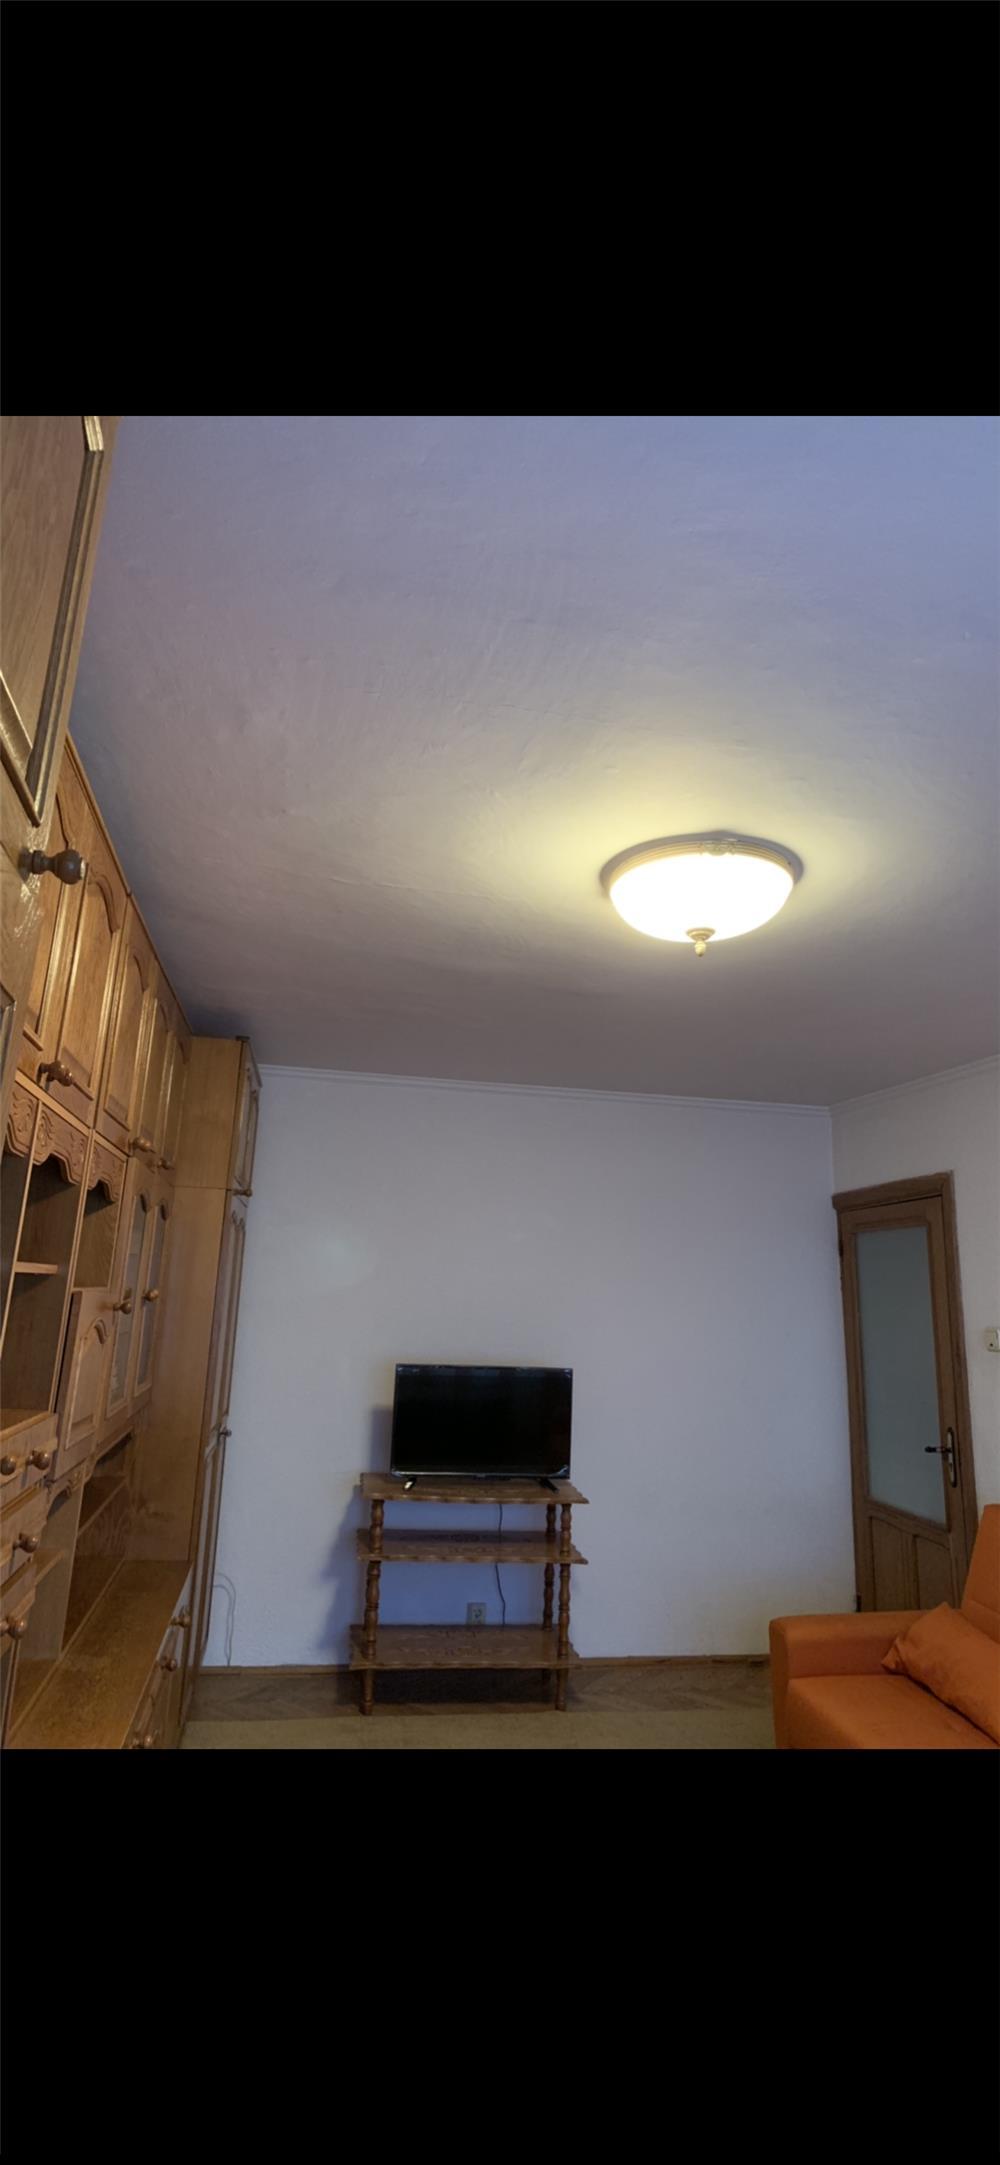 Inchiriez apartament - imagine 2